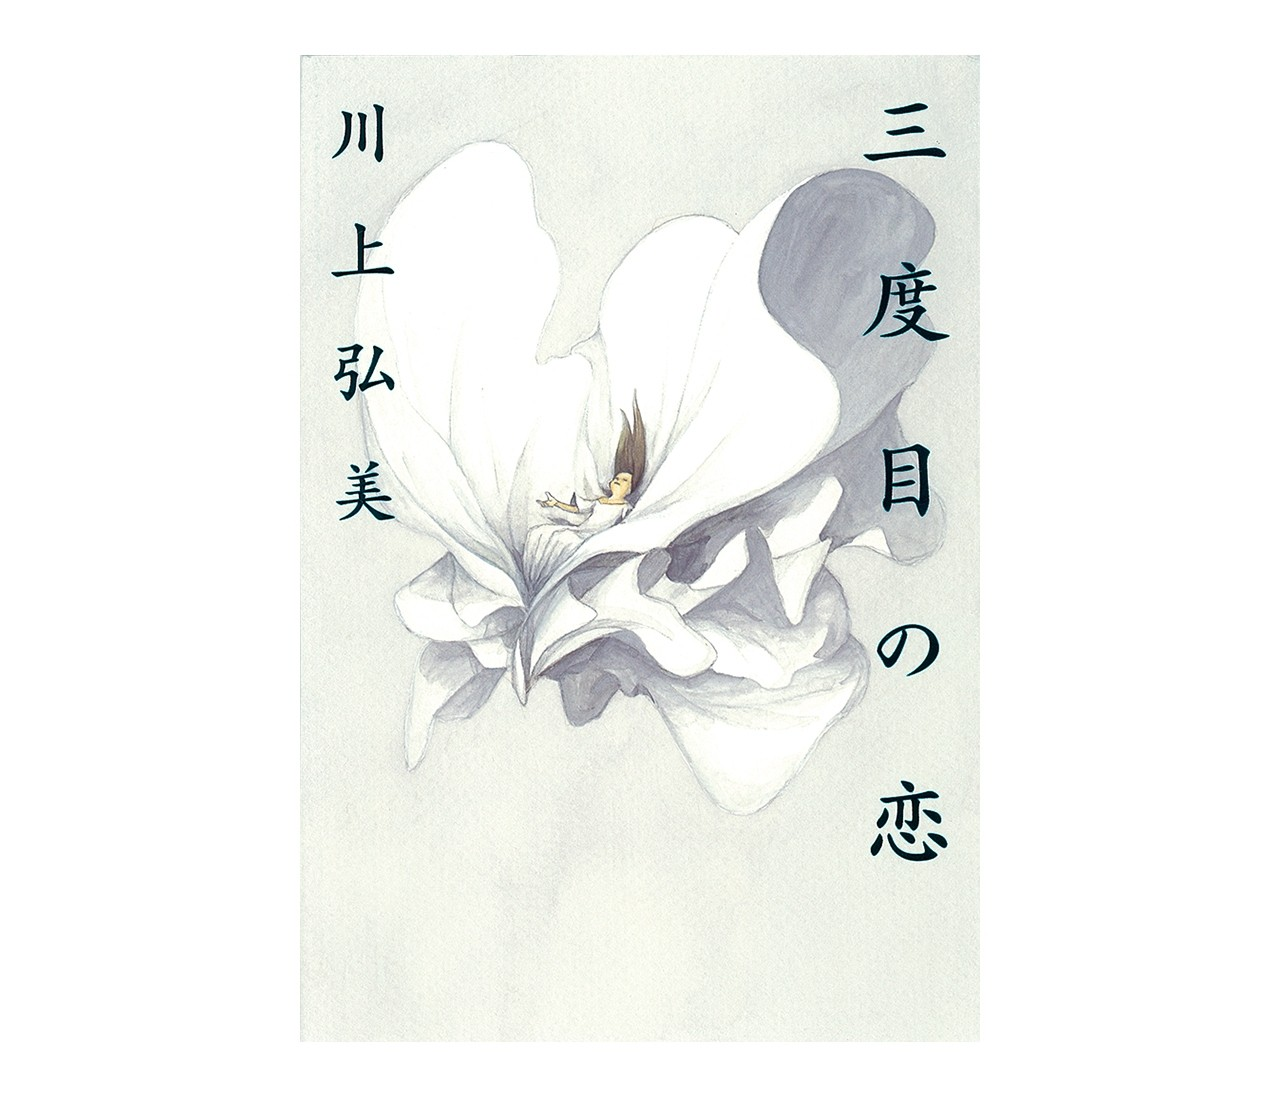 秋にぴったりの一冊!川上弘美の『三度目の恋』をレビュー【30代におすすめの本】